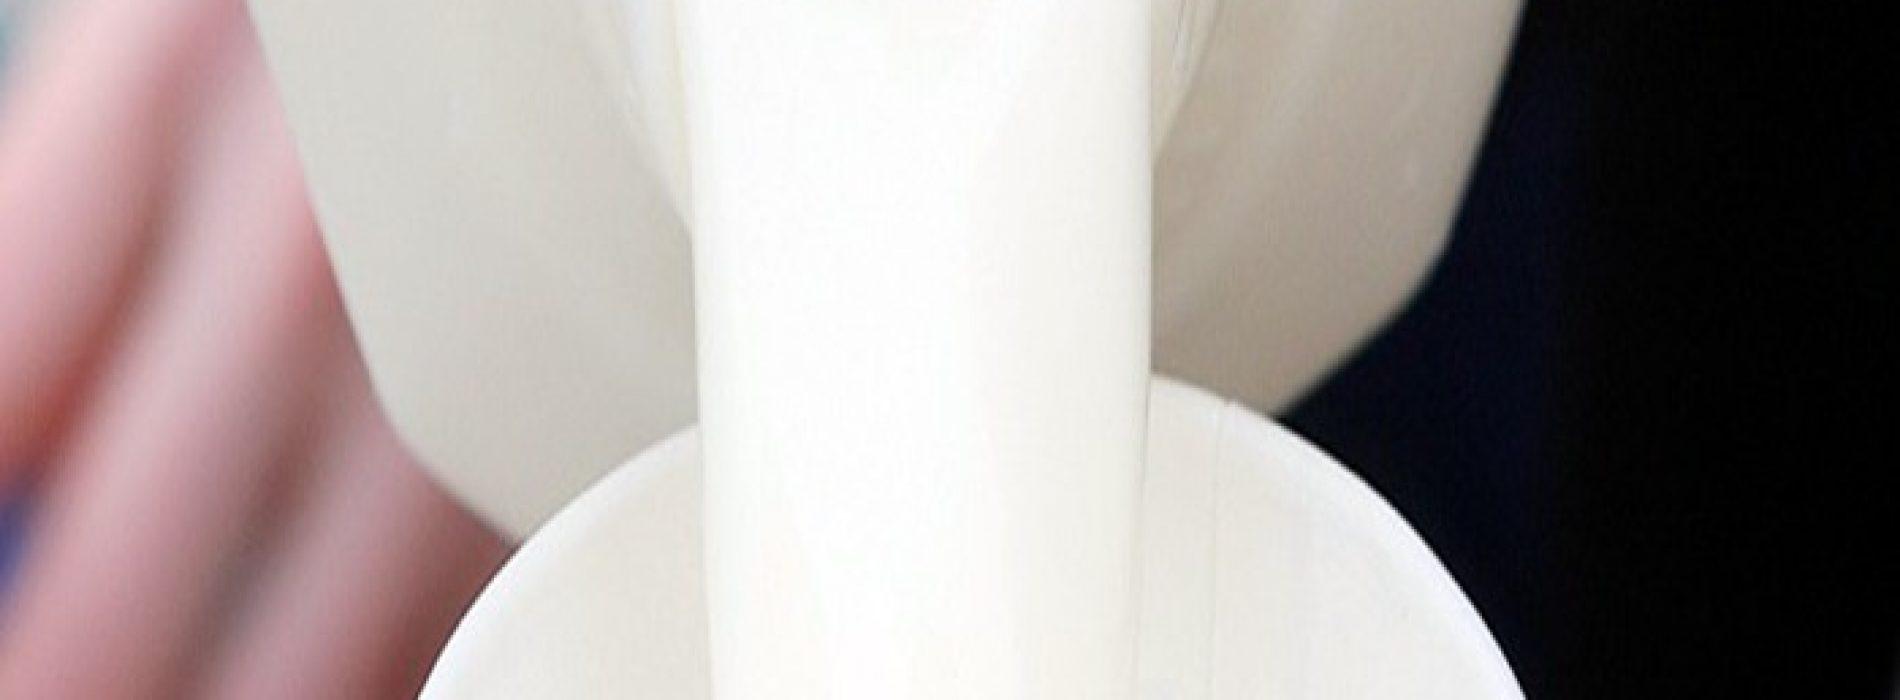 10 redenen waarom melk niet goed voor je is